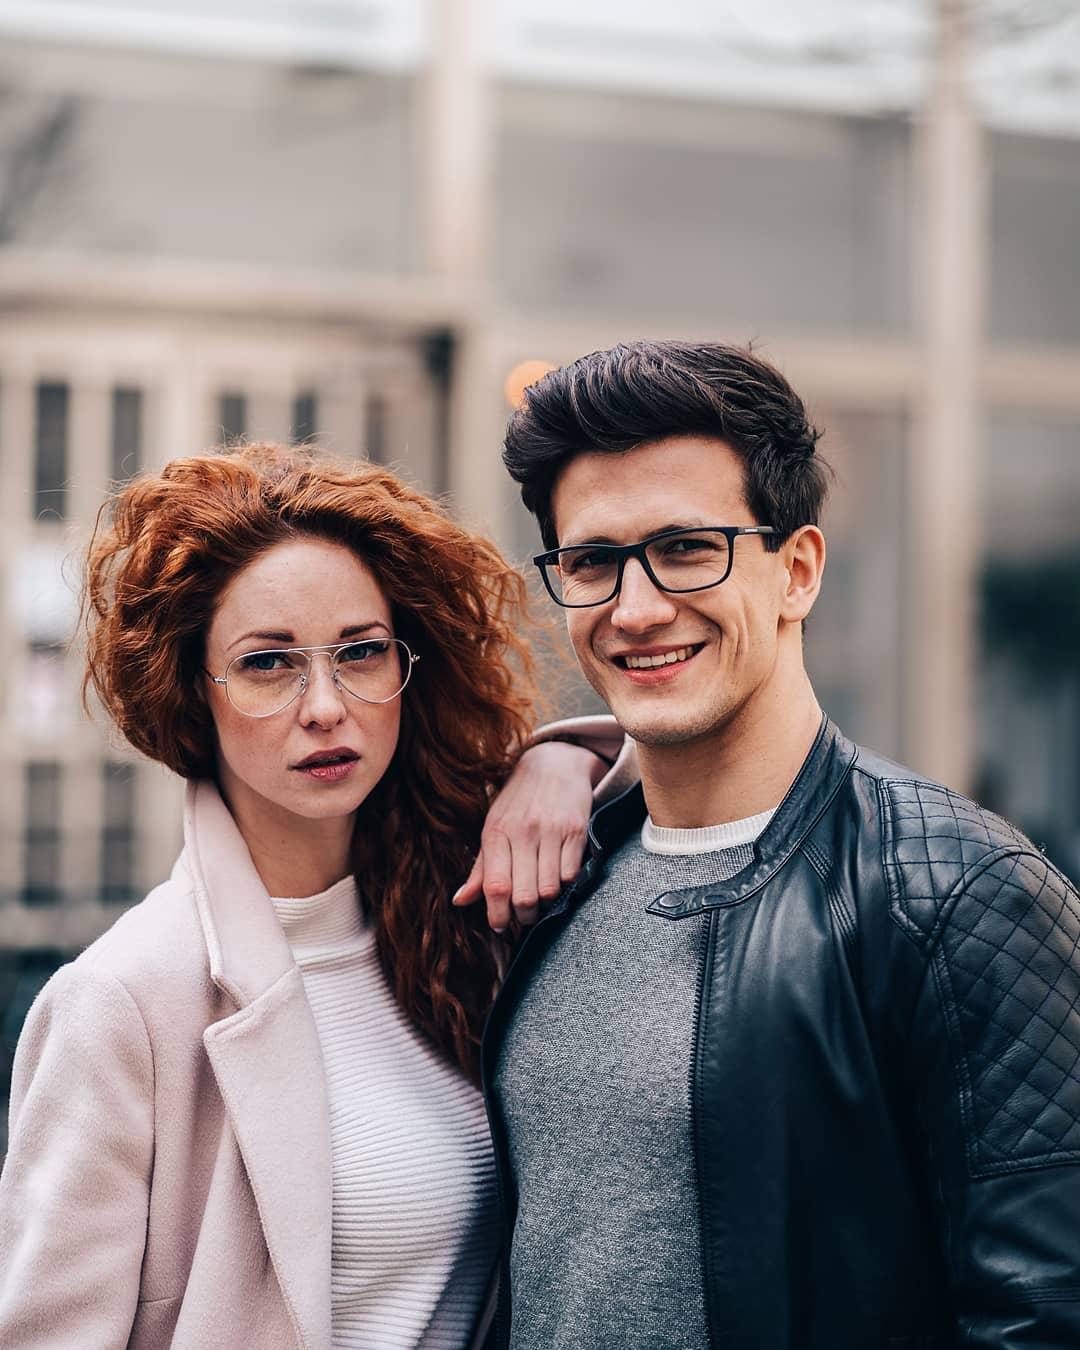 Hledáte hezké a stylové dioptrické brýle, za které nenecháte půlku výplaty? Zastavte se v naší optice v Křemencově ulici v Praze Pomůžeme Vám s výběrem a s prázdnou určitě neodejdete  . . . . . #kvalitnibryleprokazdeho #vasecocky #optika #opticstore #dioptricglasses #dioptrickebryle #eyeglasses #eyewearfashion #eyeweartrends #instaglasses #fashioneyewear #fashioninspiration #eyeweardesign